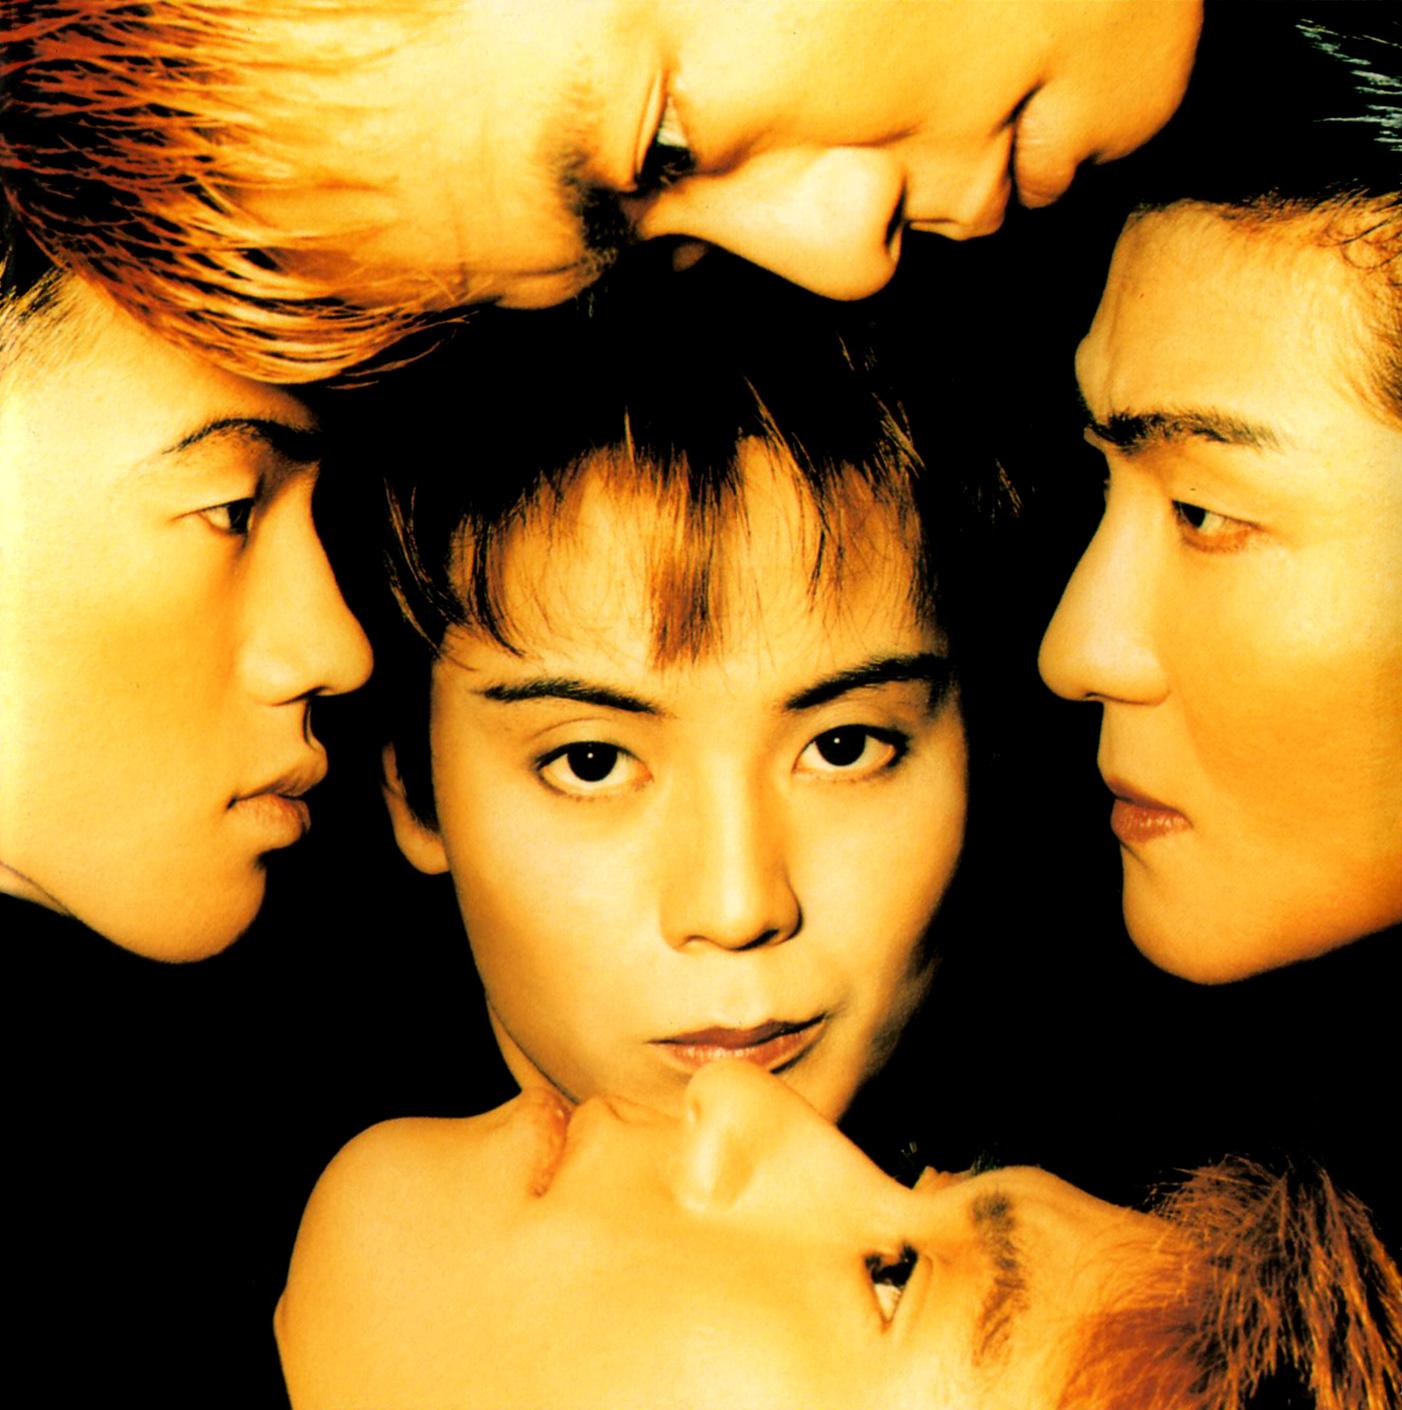 シャ乱Q 3rdアルバム『ロスタイム』(1994年2月23日発売) 高画質CDジャケット画像